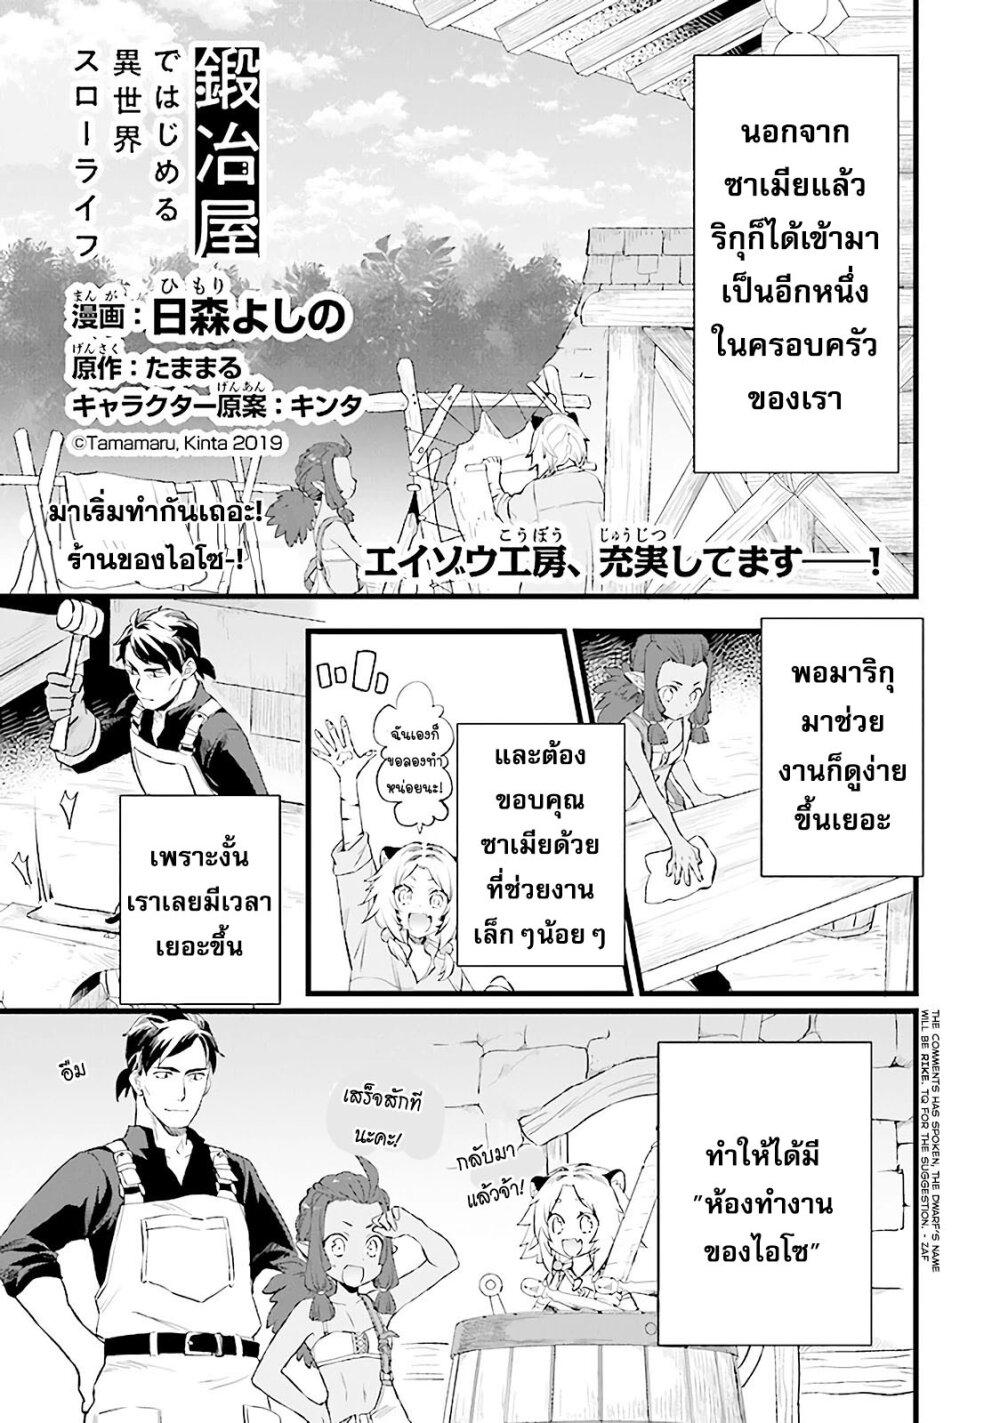 Kajiya de Hajimeru Isekai Slow Life ชิวๆต่างโลกกับฮาเร็มที่รัก!!! ตอนที่ 6